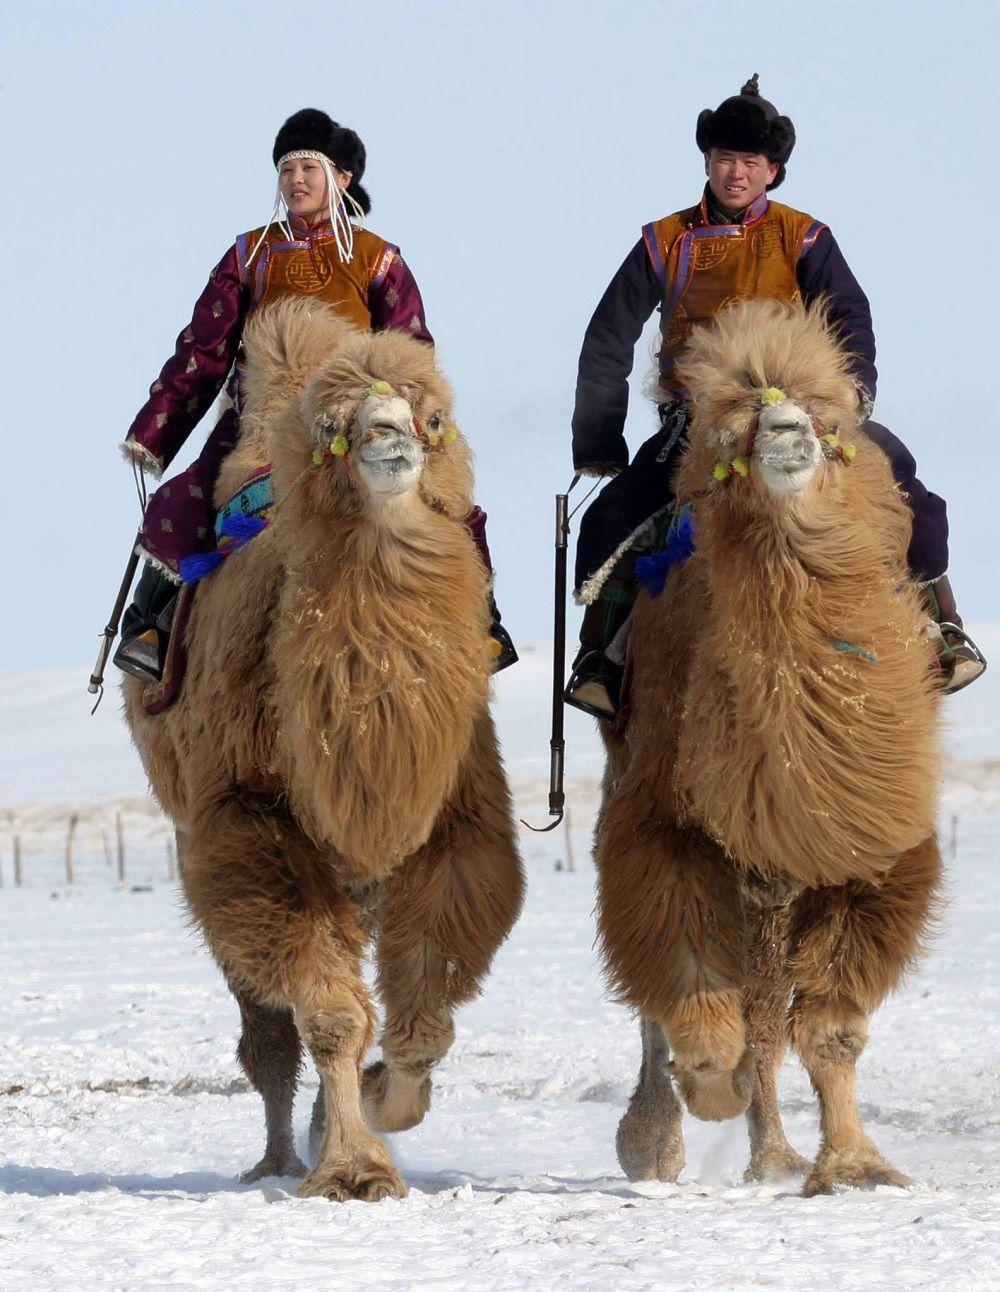 Festival des 1000 chameaux - Circuit Mongolie | Mongolie, Chameau et Visage du monde